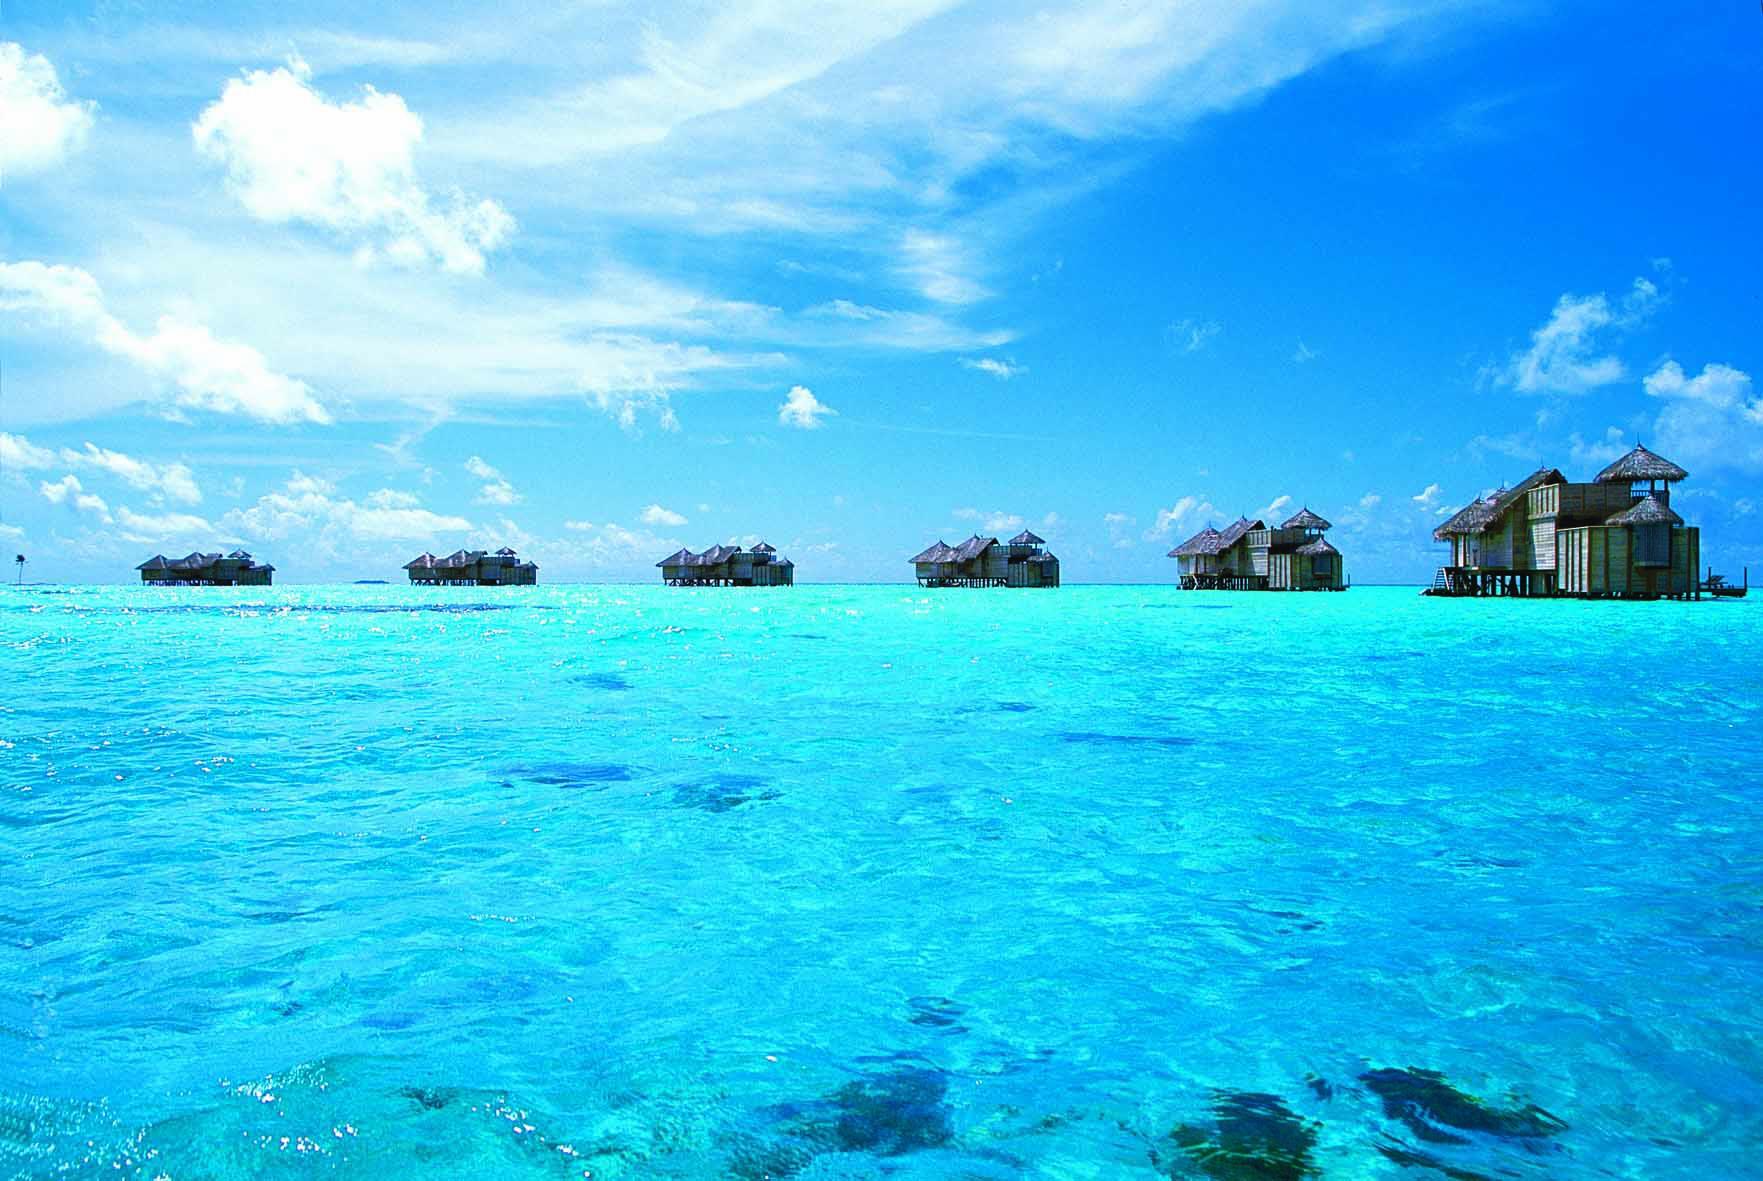 究極の楽園でリラックスを。モルディブが誇る最高のエコロジー・リゾート「ギリ・ランカンフシ・モルディブ」